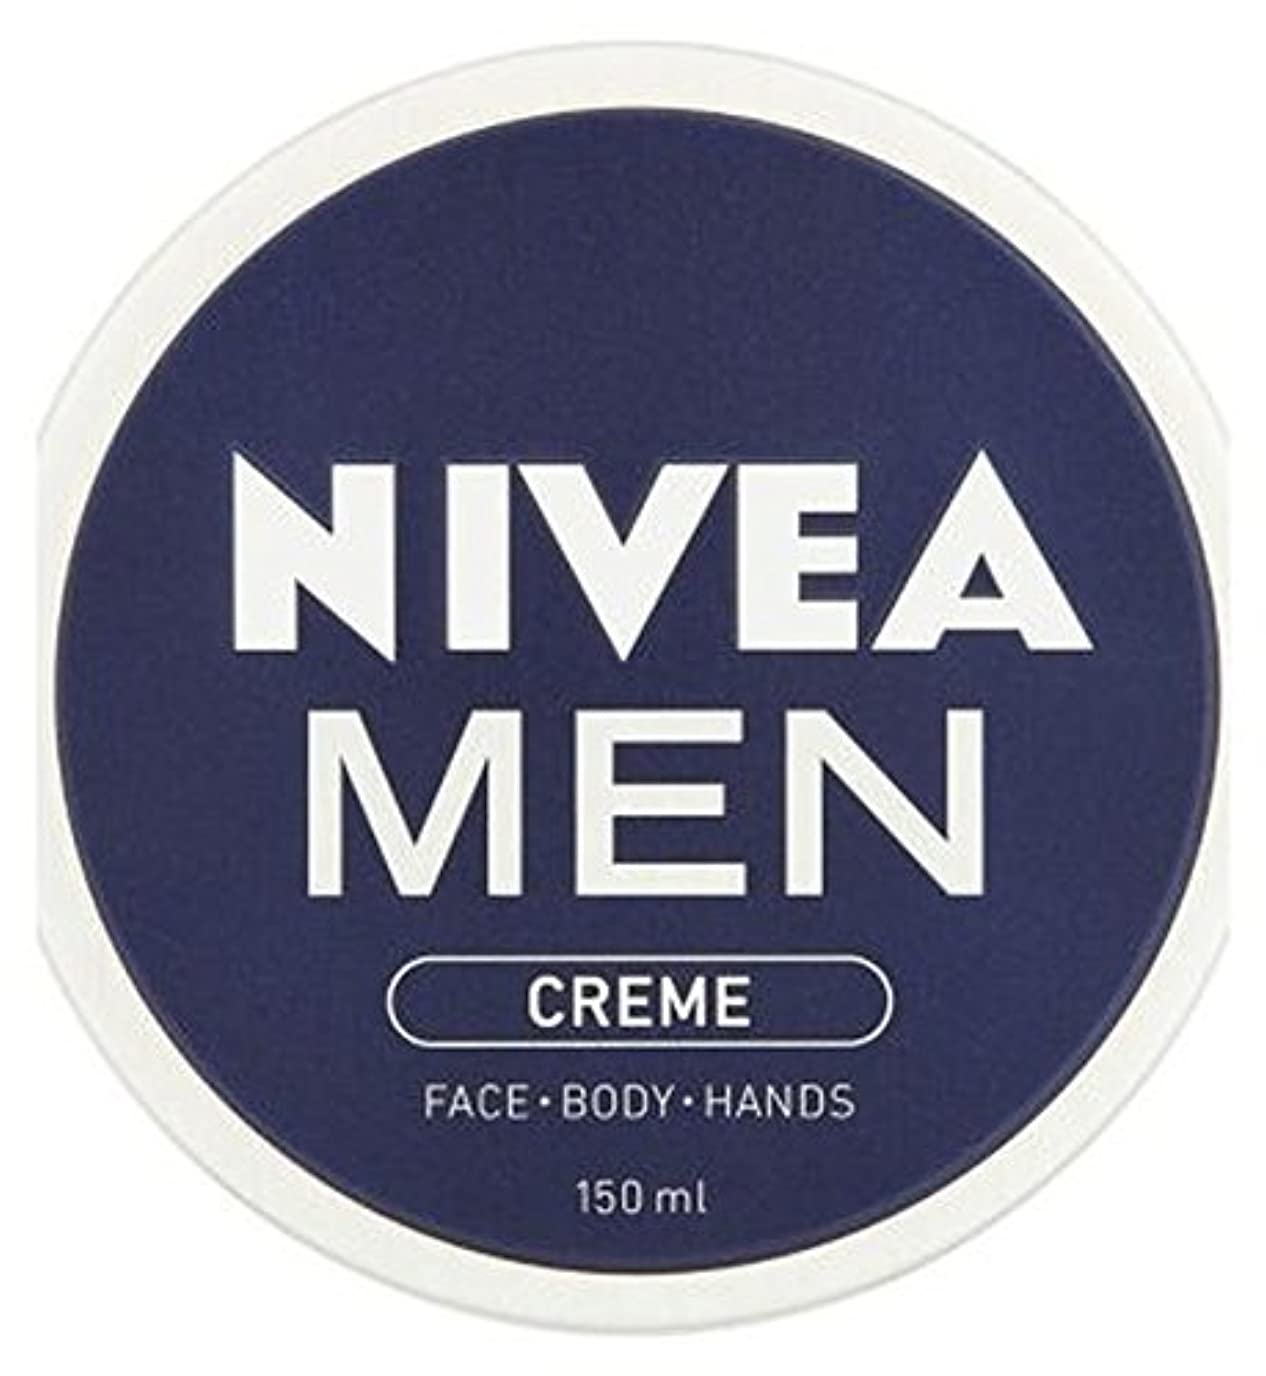 イブニング設計図コロニーNIVEA MEN Creme 150ml - ニベアの男性が150ミリリットルクリーム (Nivea) [並行輸入品]